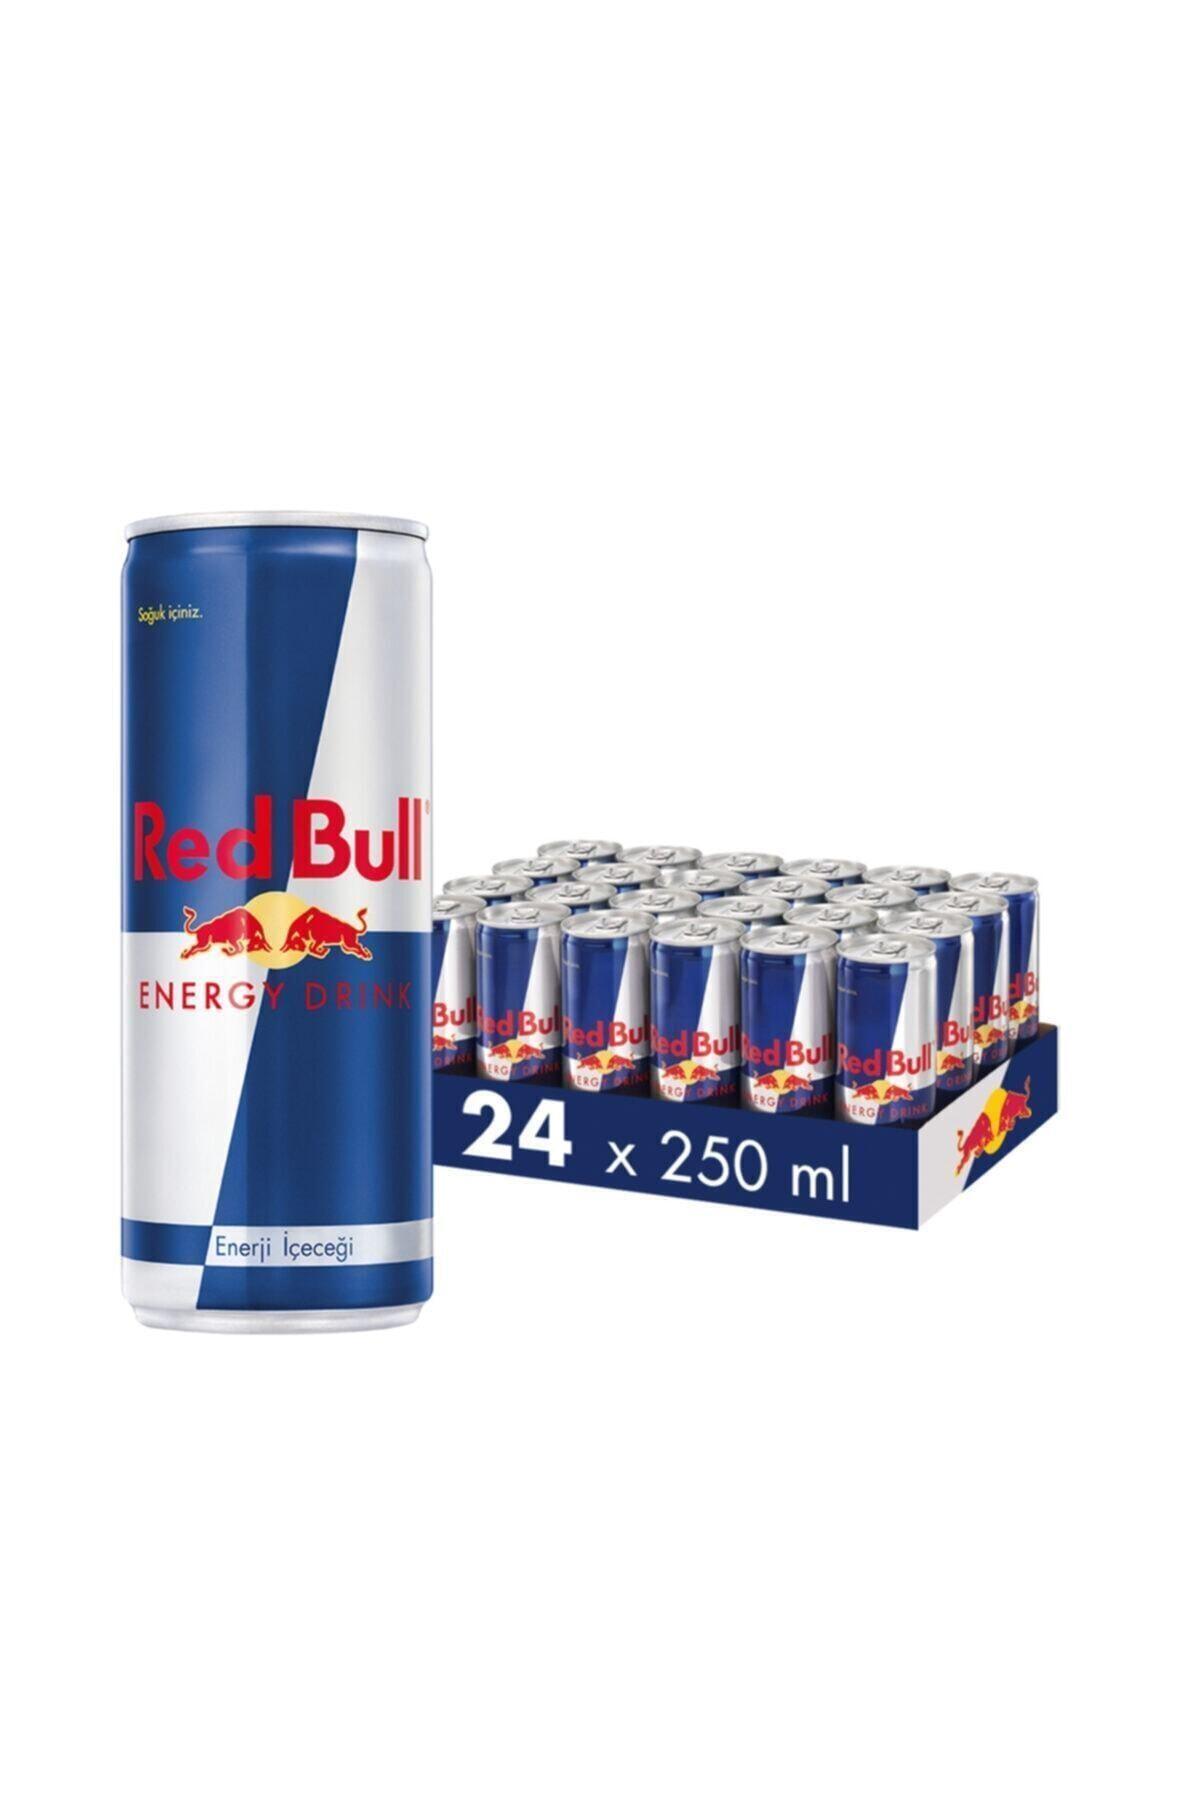 Red Bull Enerji Içeceği, 250 ml (24'lü Paket, 24x250 ml) 1